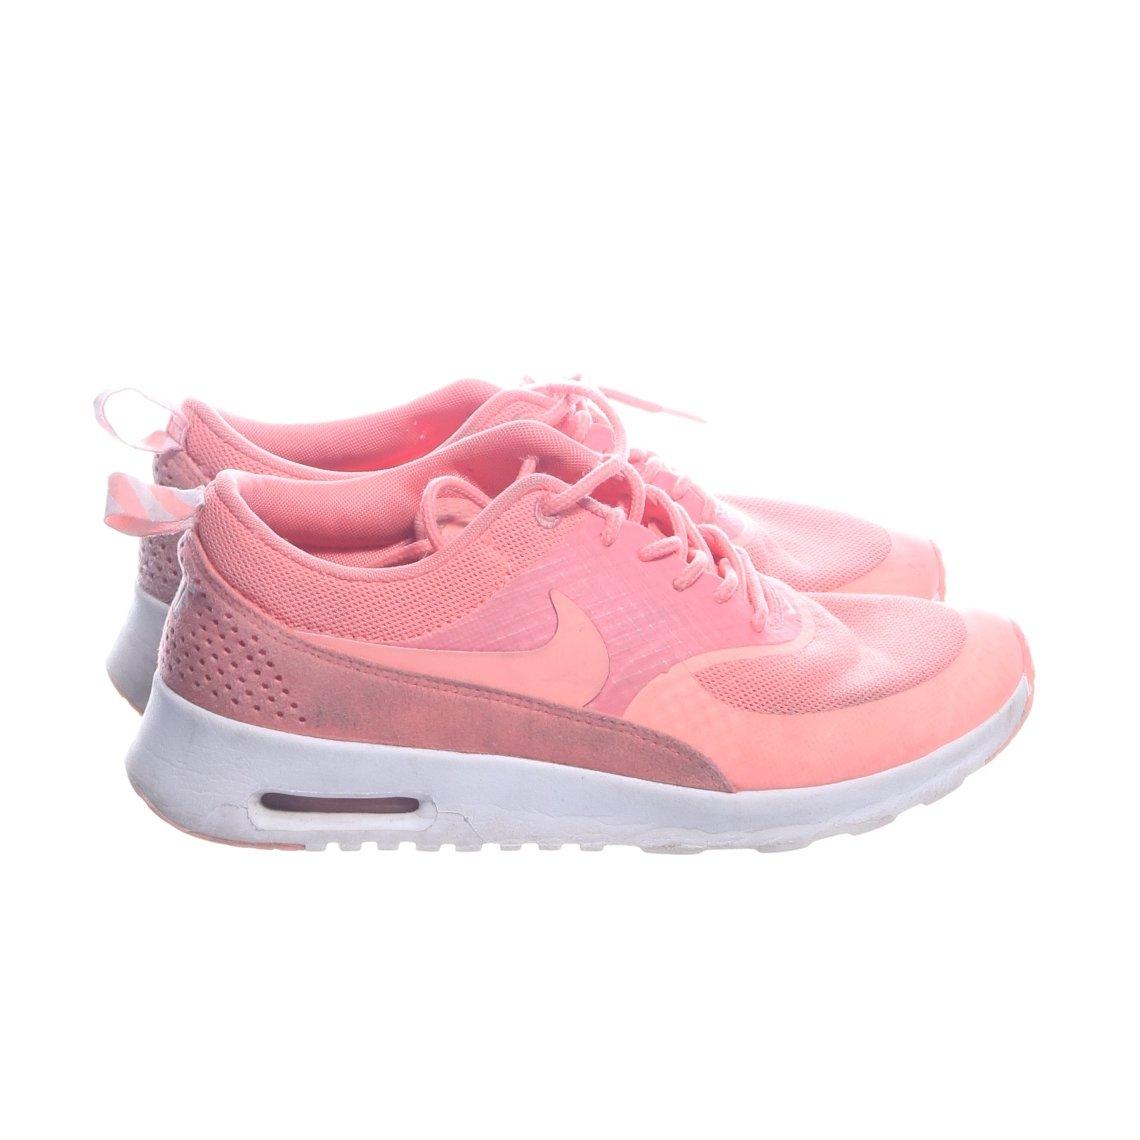 more photos e02e4 09072 Nike, Sneakers, Strl  38, AIR MAX THEA, Aprikos, Polyester